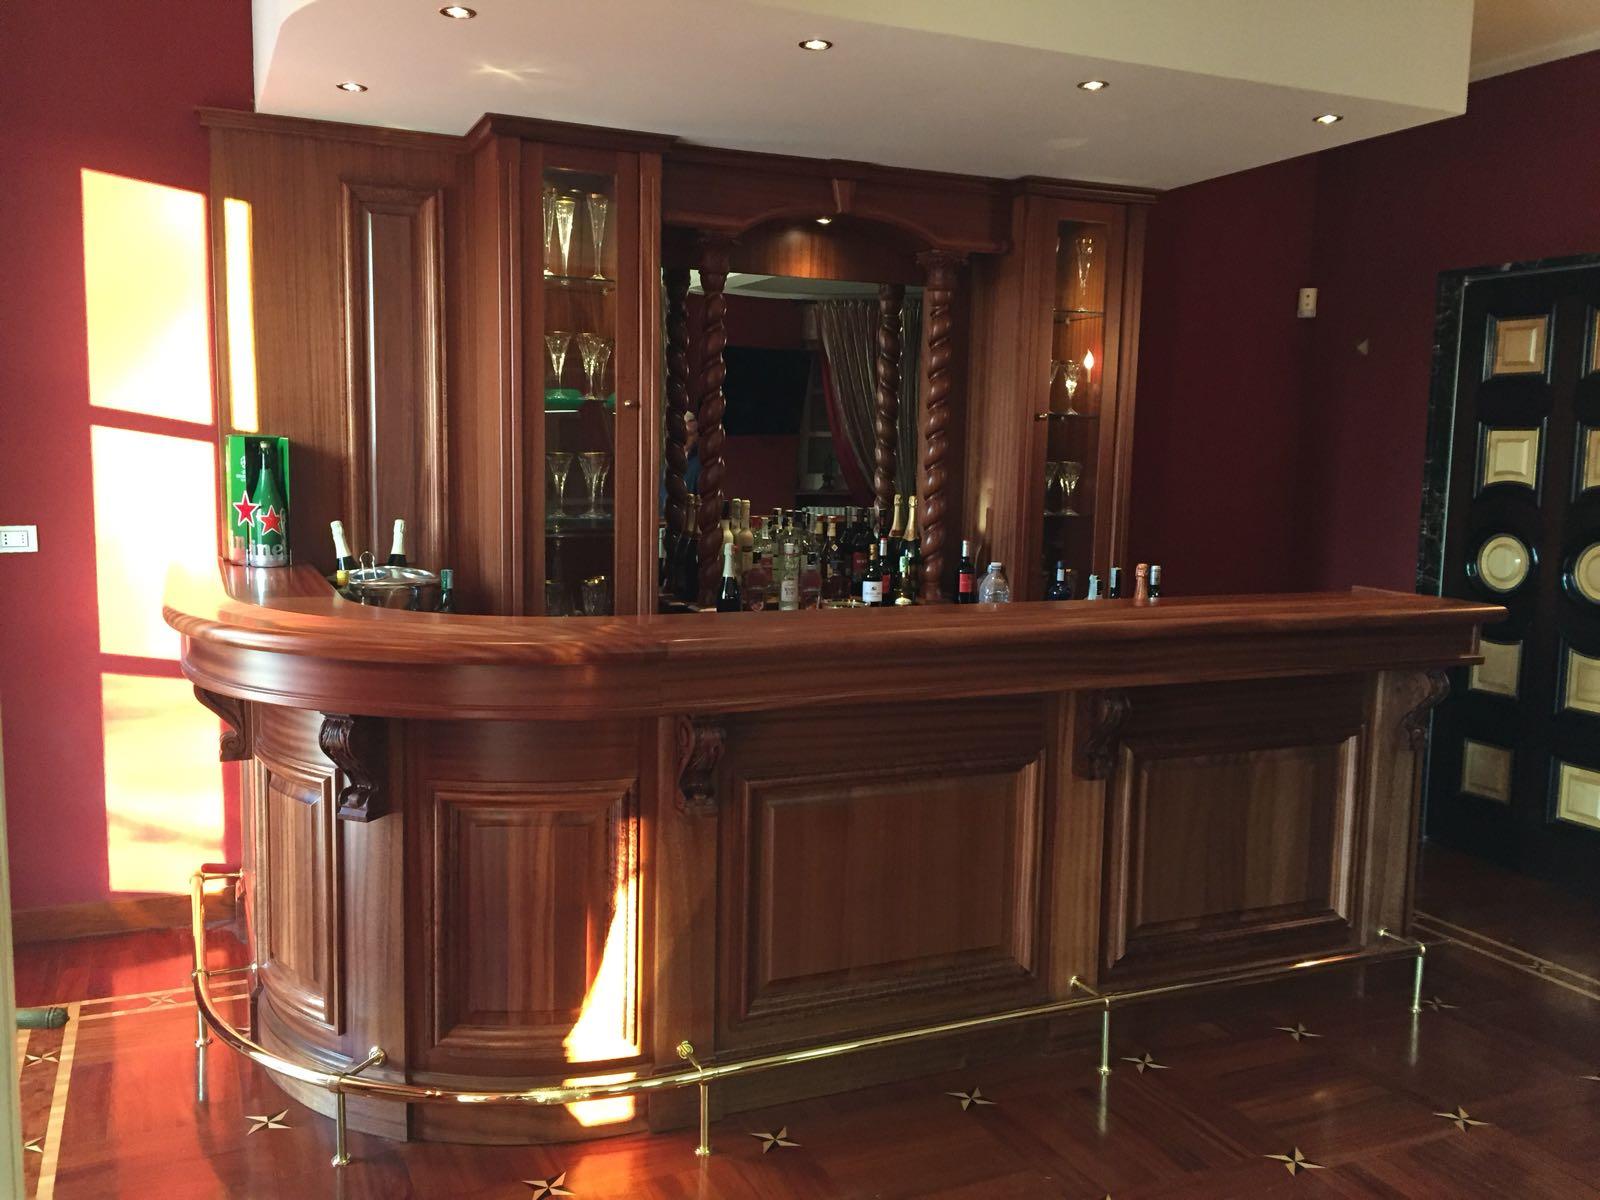 Angolo Bar Arredamento arredamenti su misura sardegna: angolo bar per casa sardegna